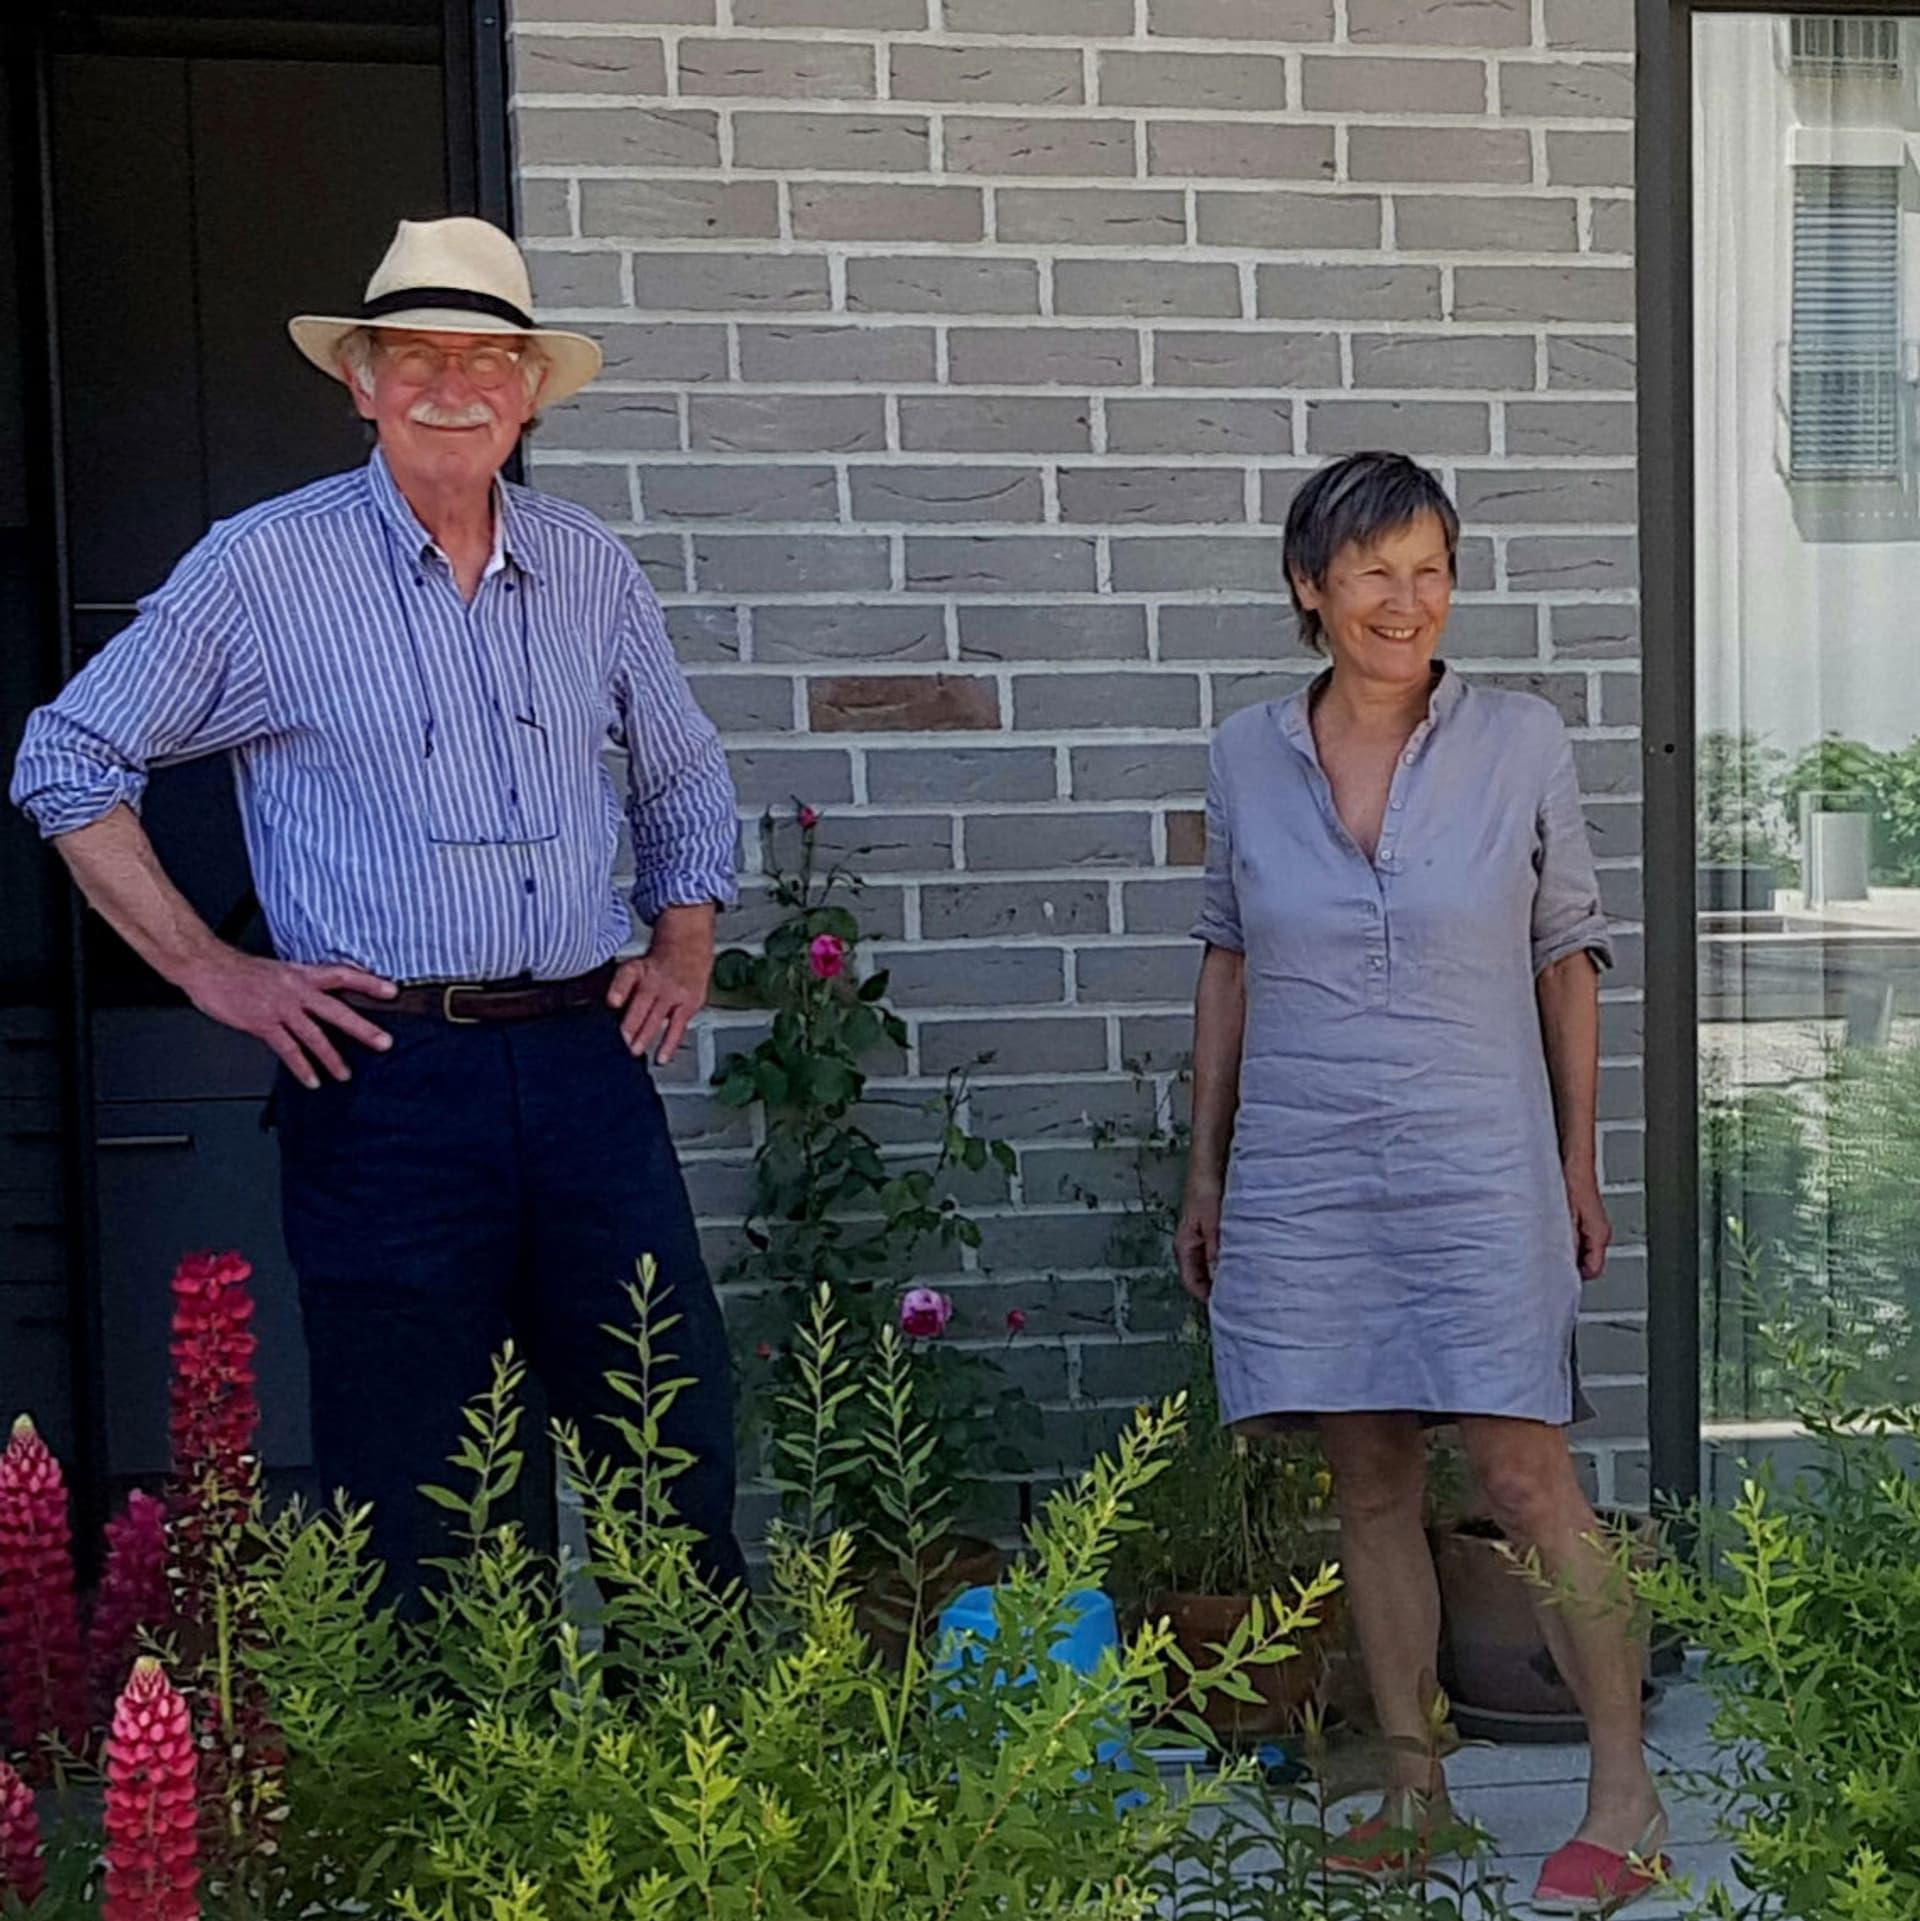 Geli (im blauen Kleid) und Alfred Bergmiller (mit Hut) stehen vor ihrer Wohnung